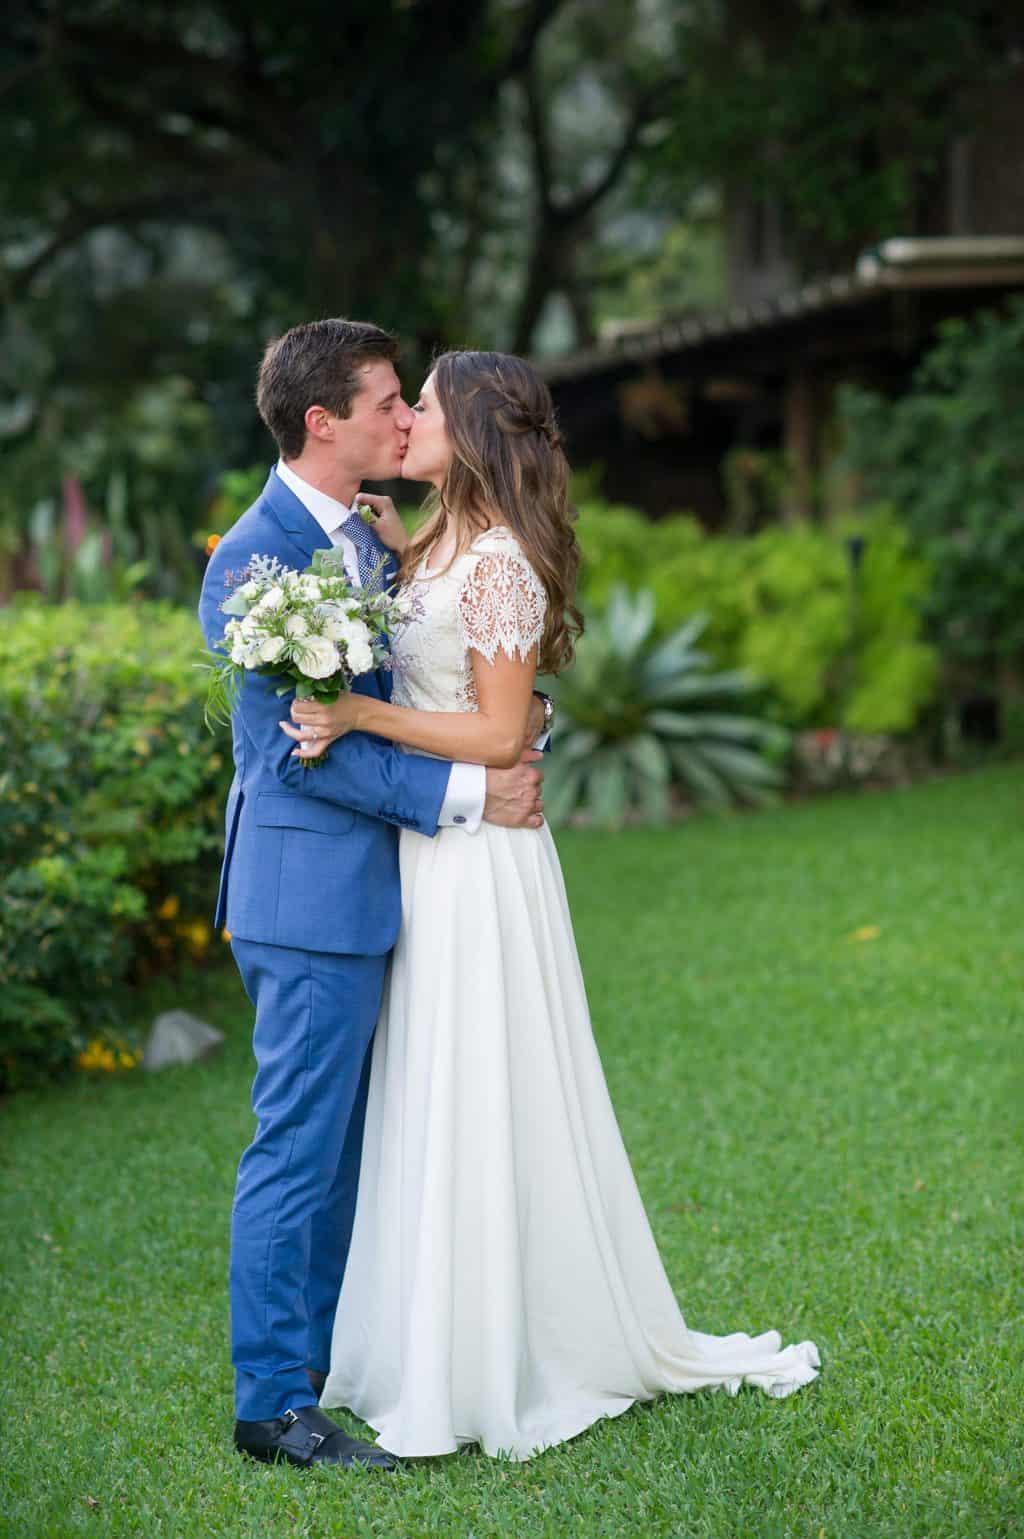 Casa-de-Santa-Teresa-Daniela-e-Juan-Destination-Wedding-Mariana-Nogueira-Decor-Marina-Fava-Fotografia-Thais-de-Carvalho-Dias-CaseMe-9